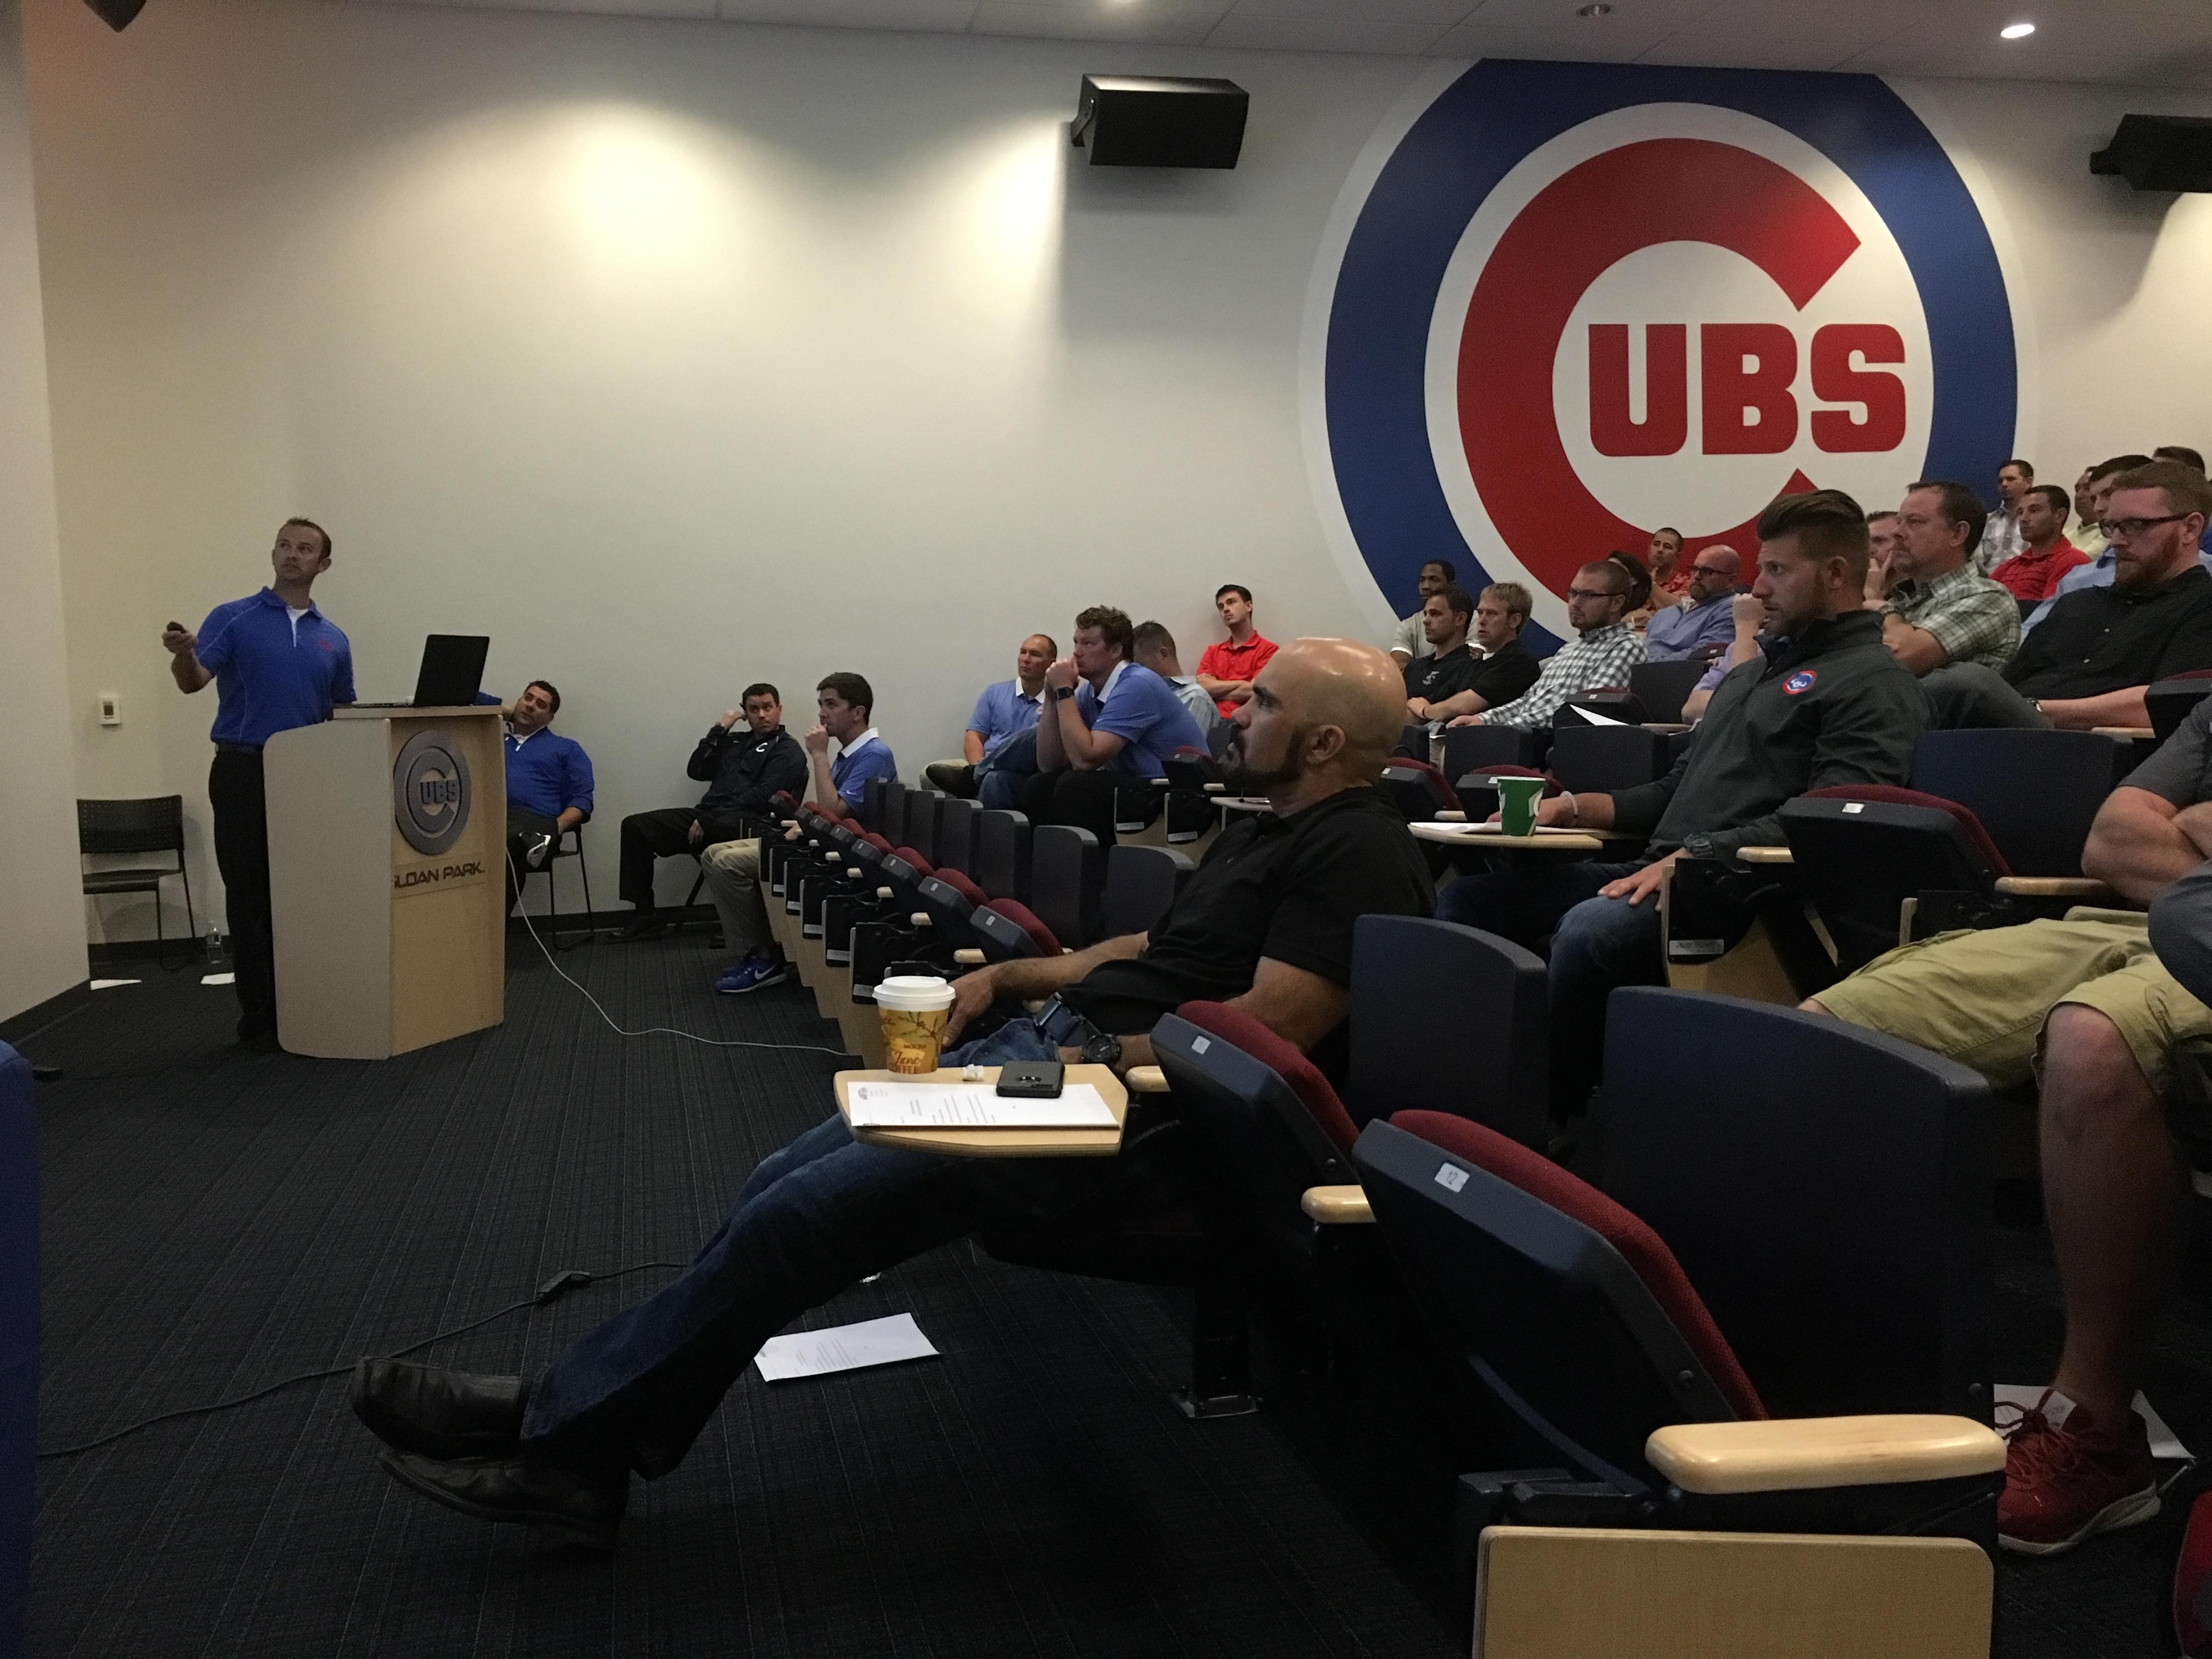 Cubs Host Spring Training Seminar - PBATS.com